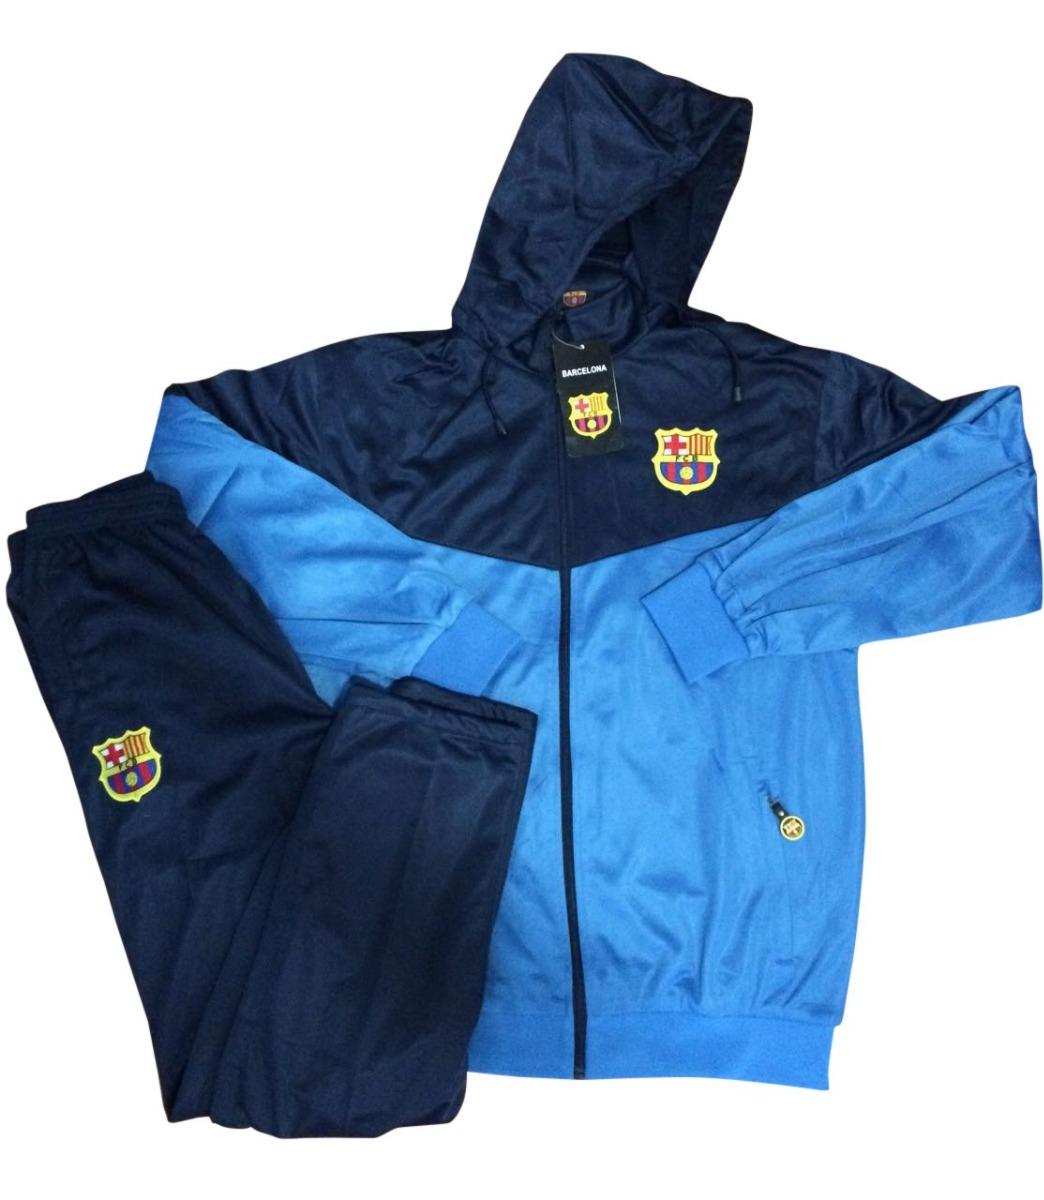 ... abrigo conjunto barcelona masculino adulto frete gratis top. Carregando  zoom. 57e724f616503